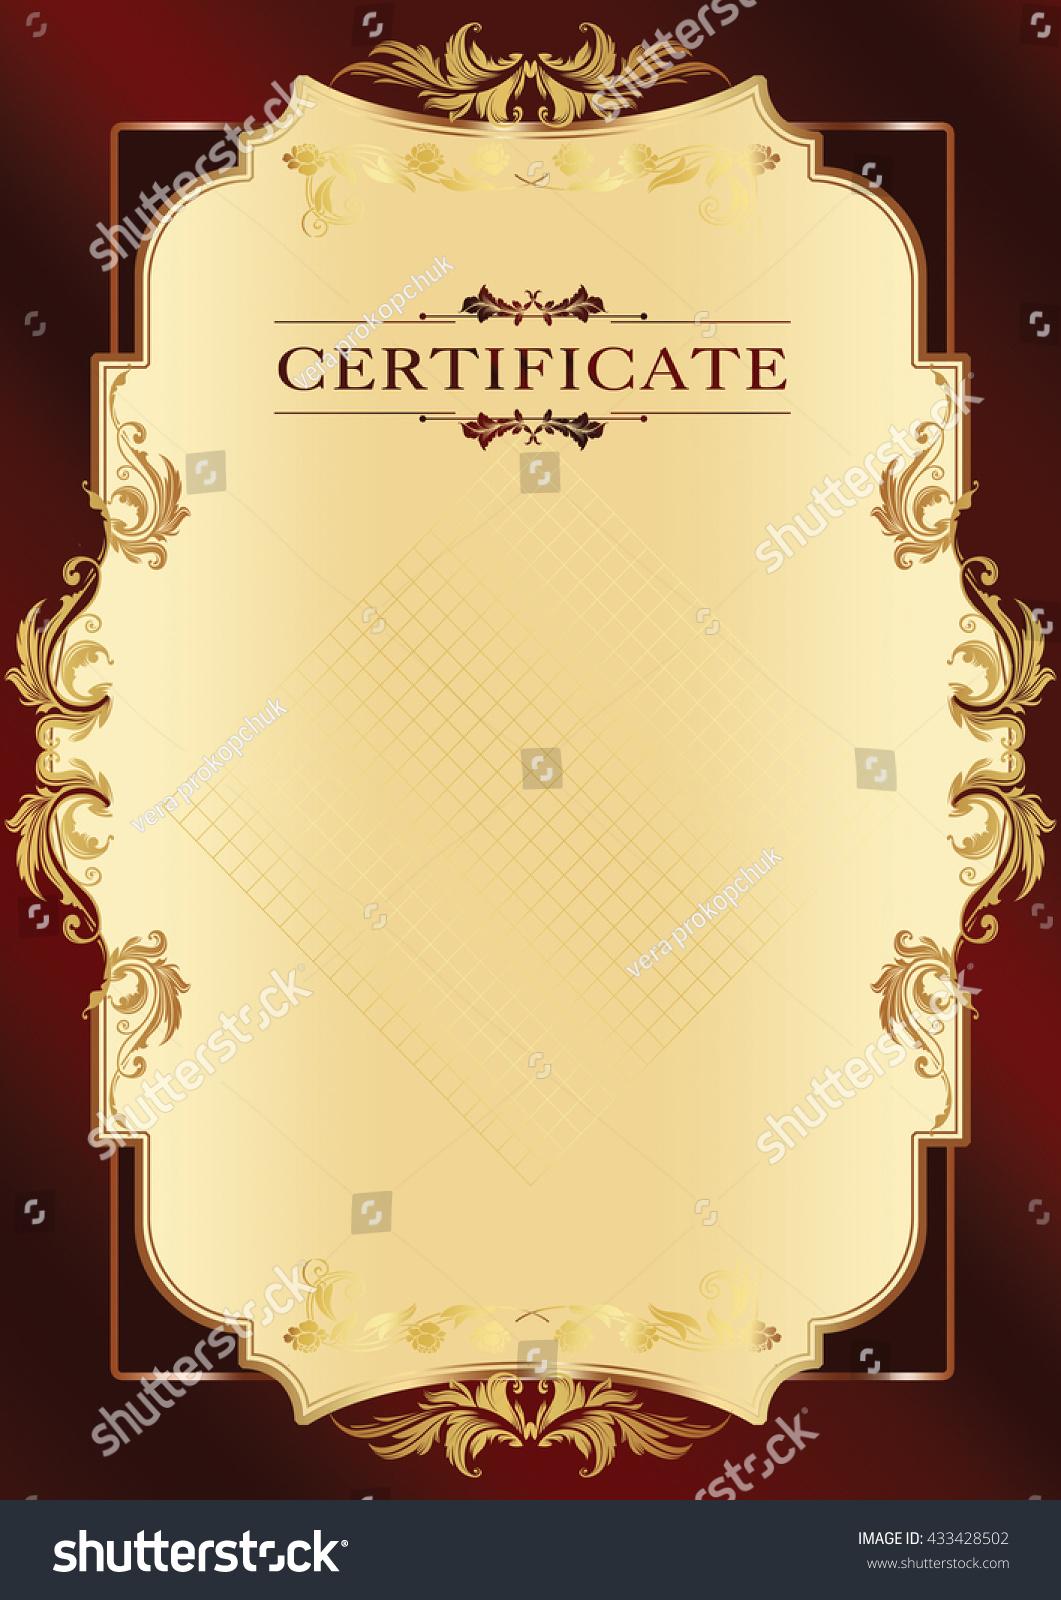 Frame Certificate Diploma Stock Illustration 433428502 - Shutterstock